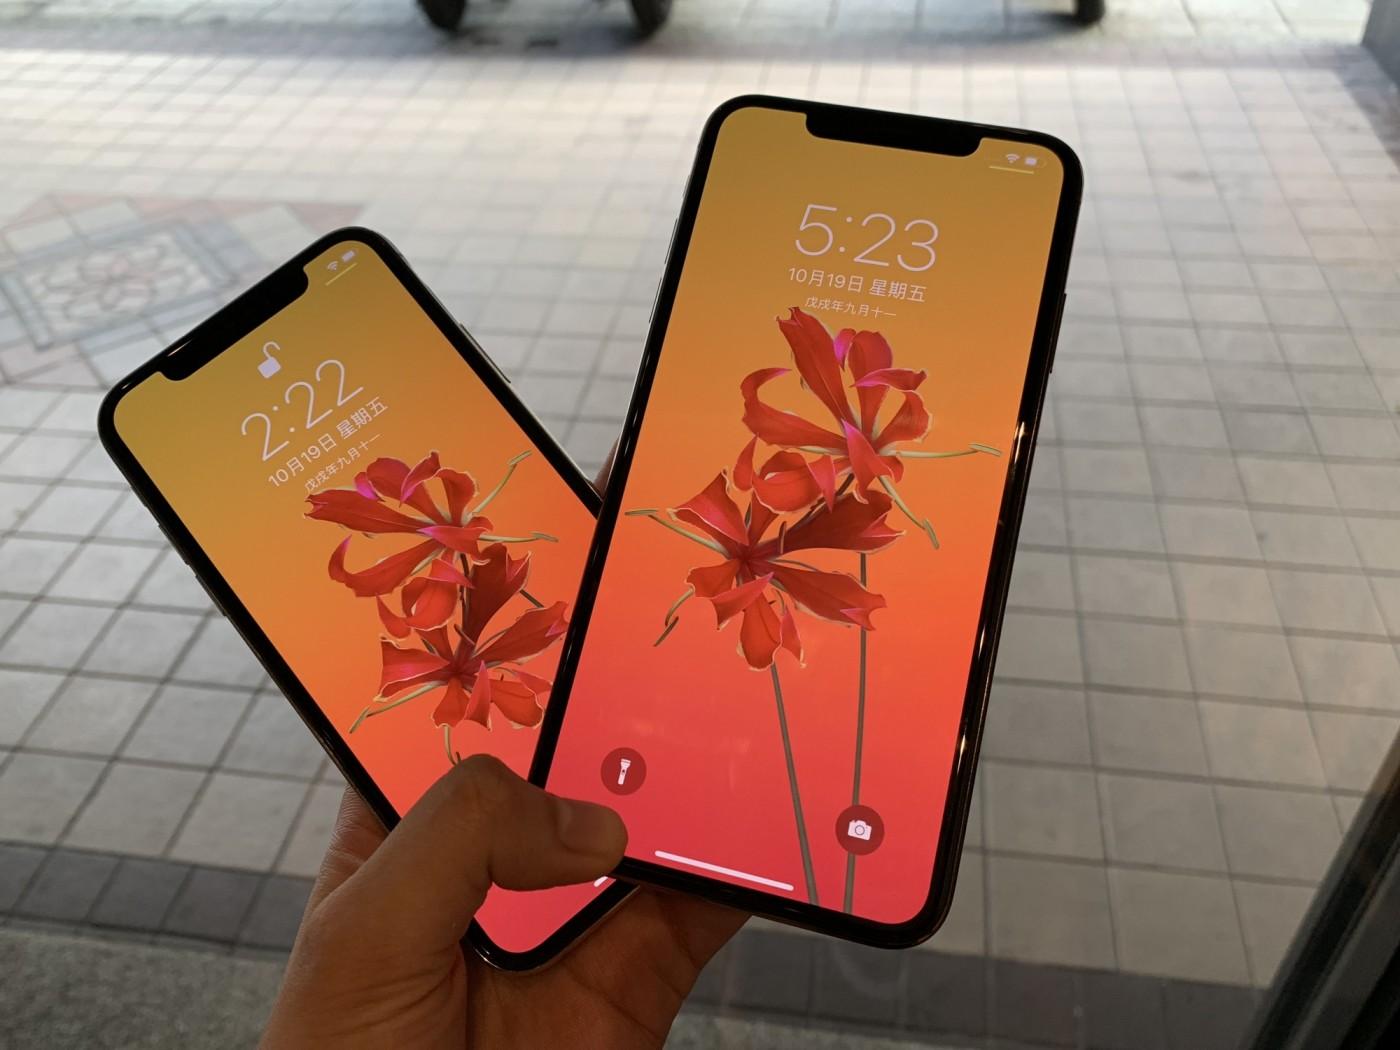 和碩閃過iPhone禁售令,高通、蘋果中國專利戰出現中立區